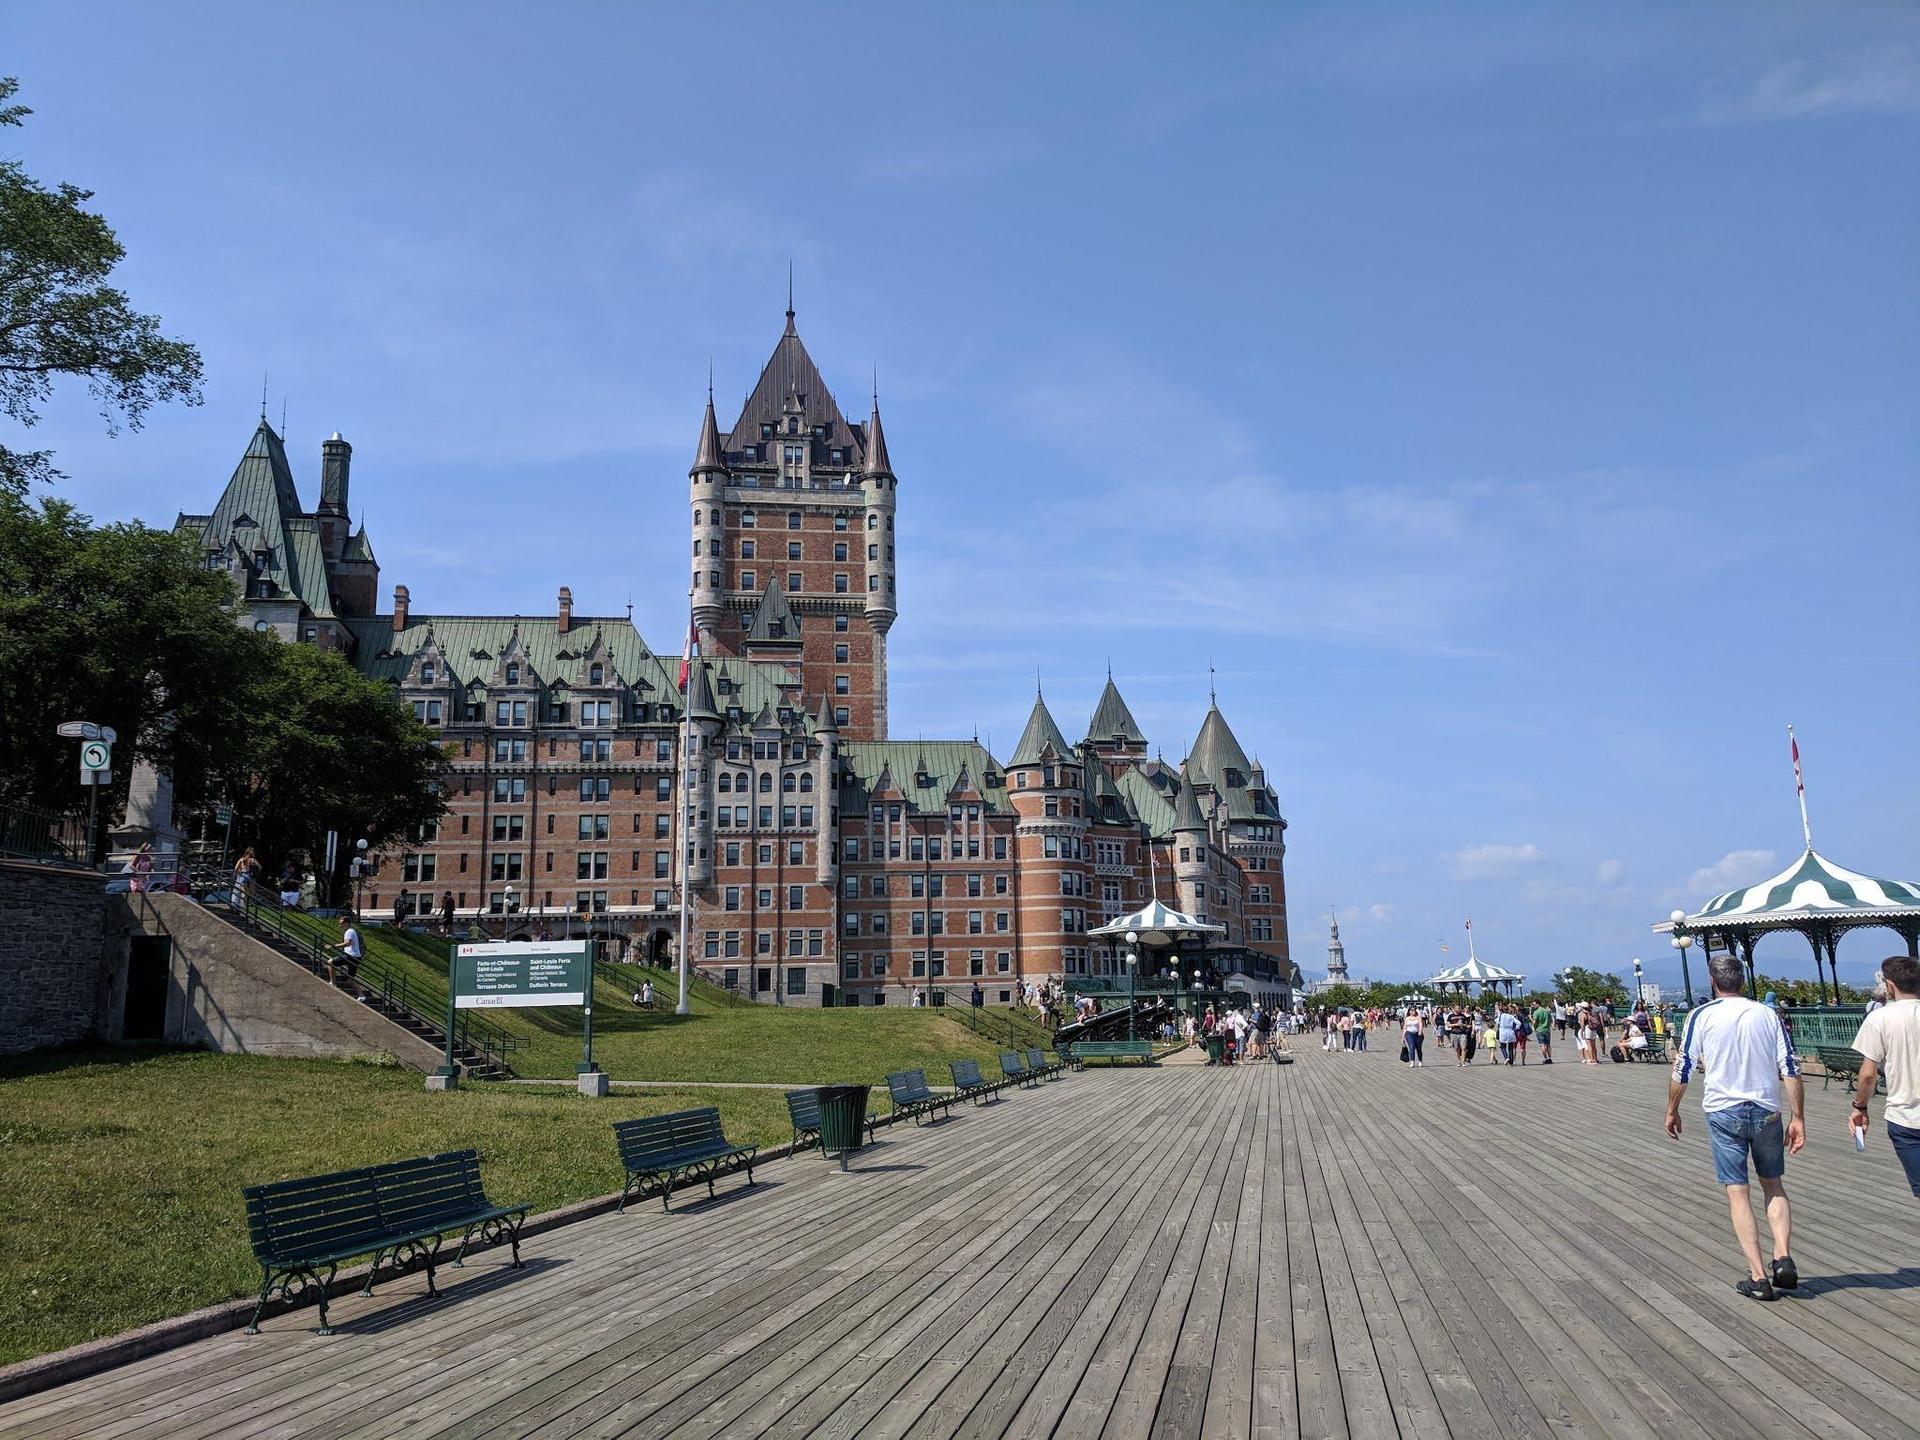 Quebec - Chateau Frontenac